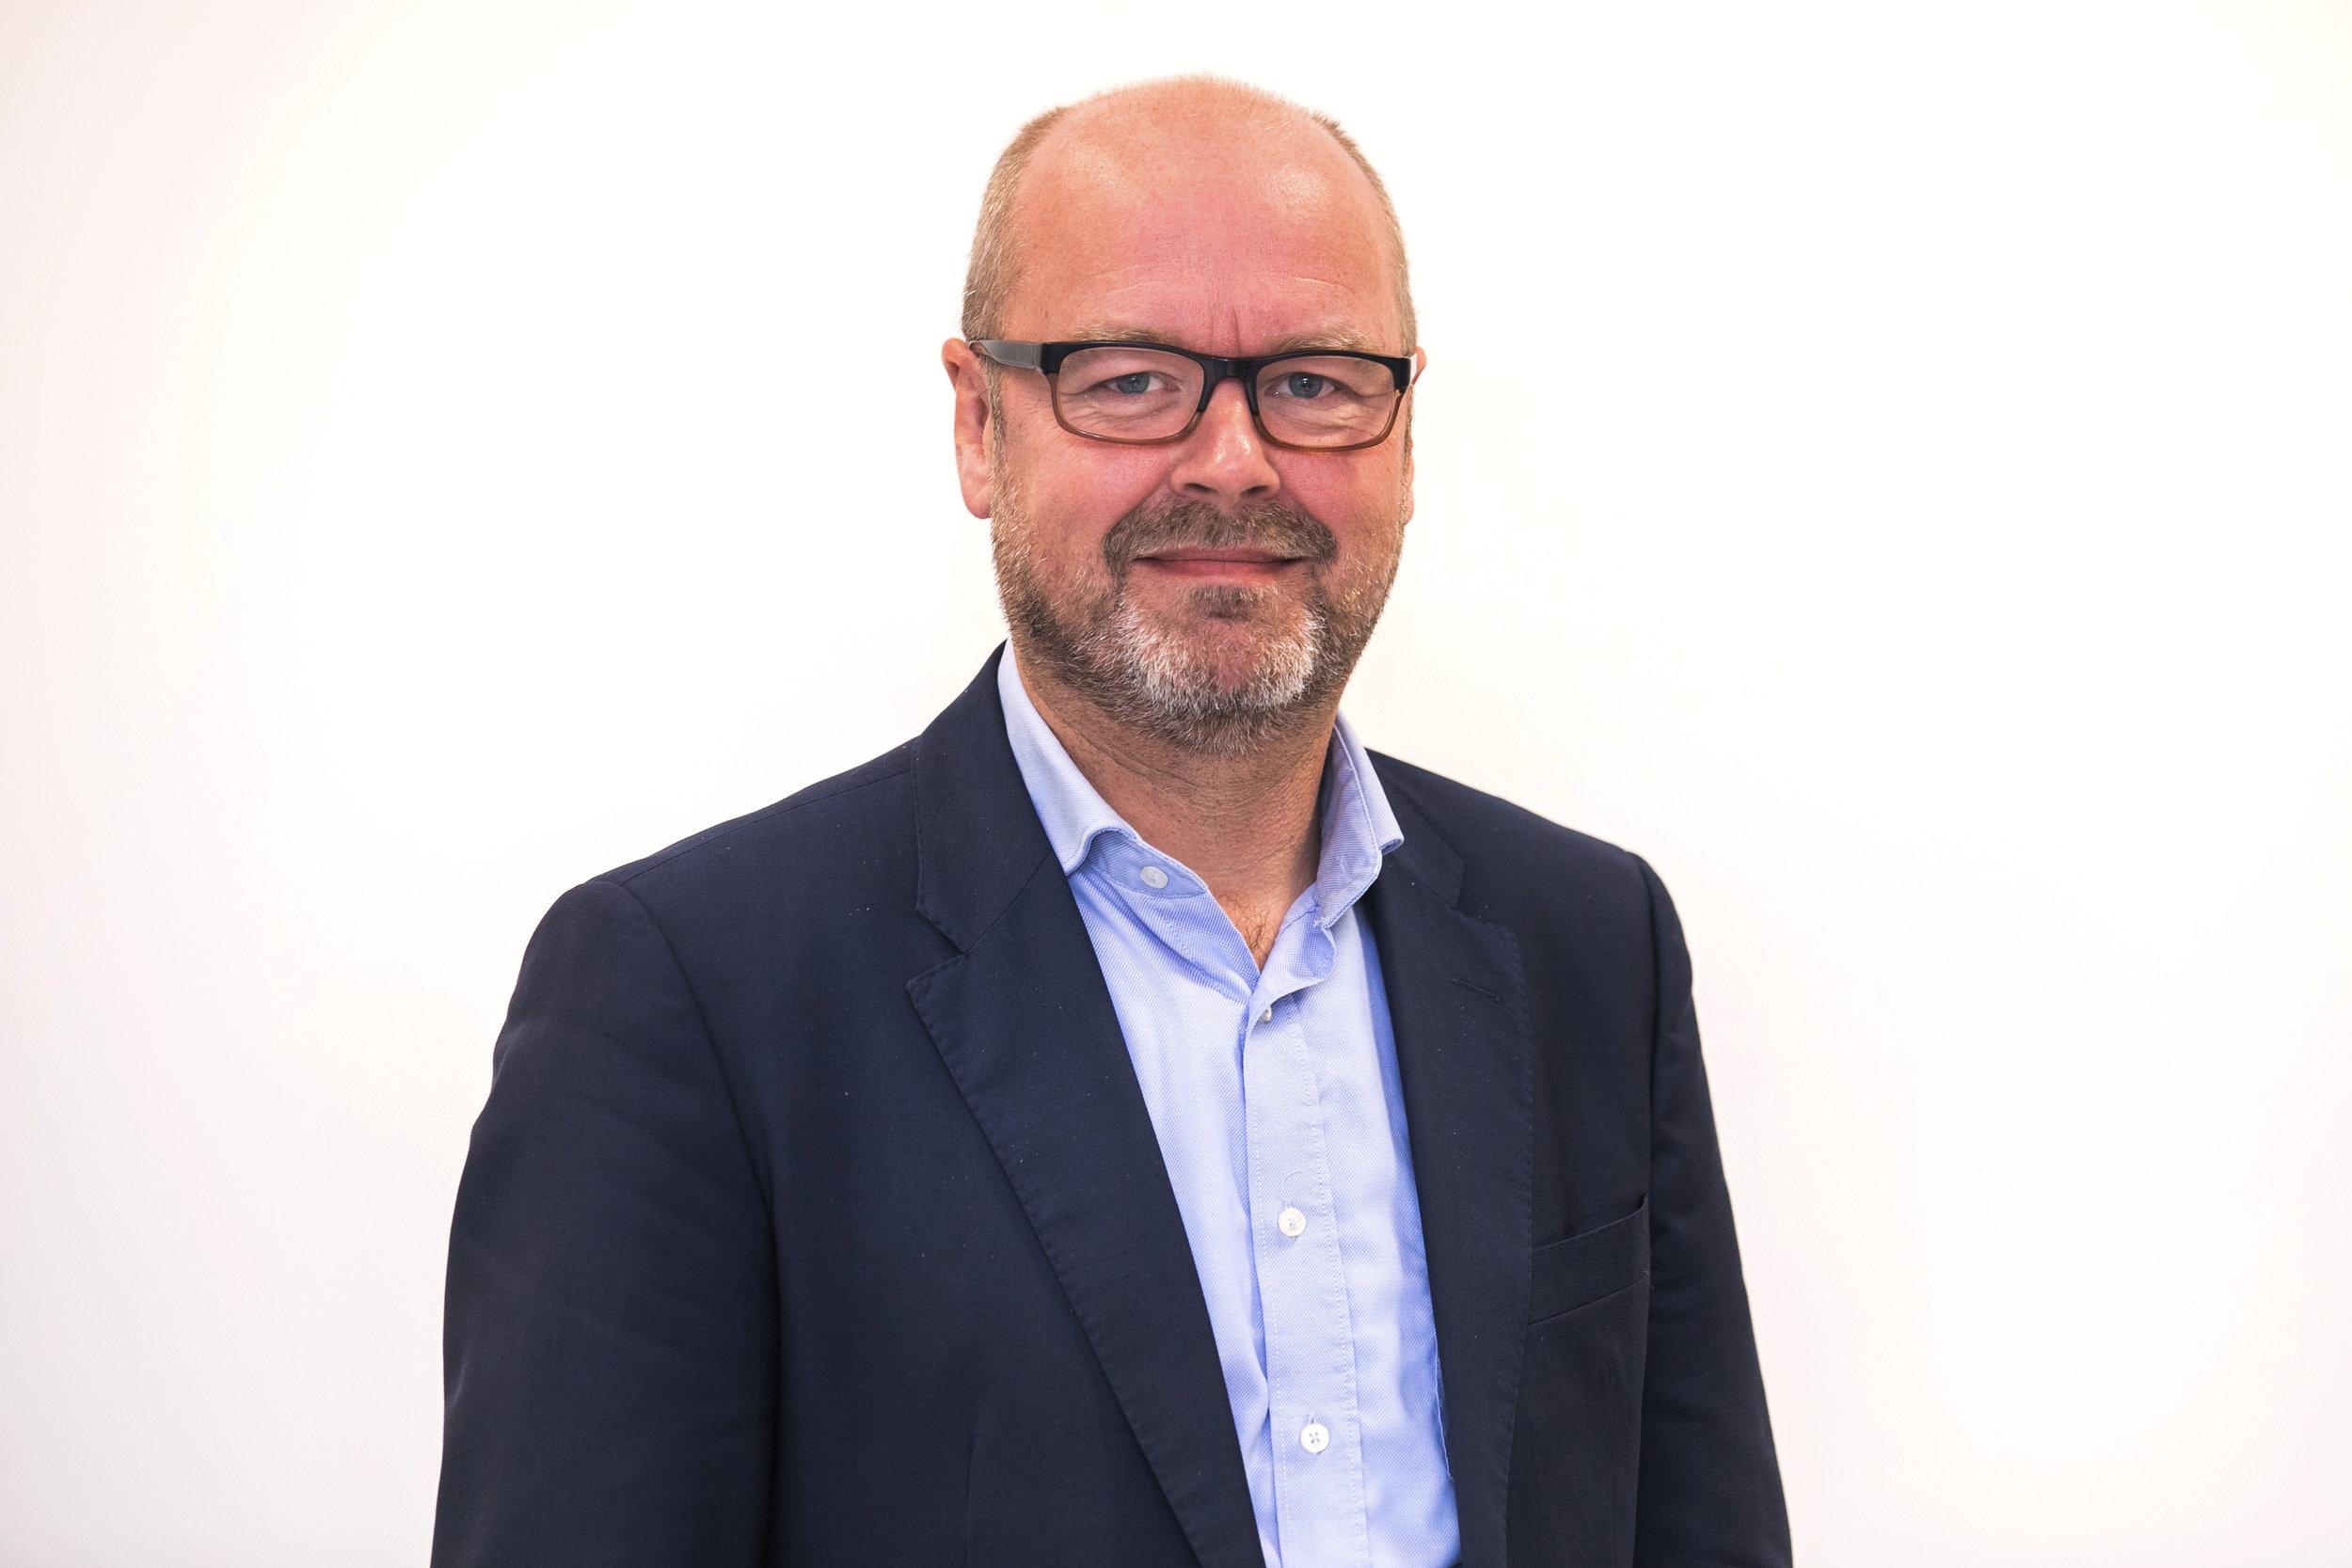 Stefan Joris - Adviserend lid. Stefan is sinds 3 jaar de Algemeen Directeur van de Mucovereniging, de nationale patiëntenvereniging voor mensen met mucoviscidose. Hij is ook actief binnen verschillende organisaties op Europees niveau.